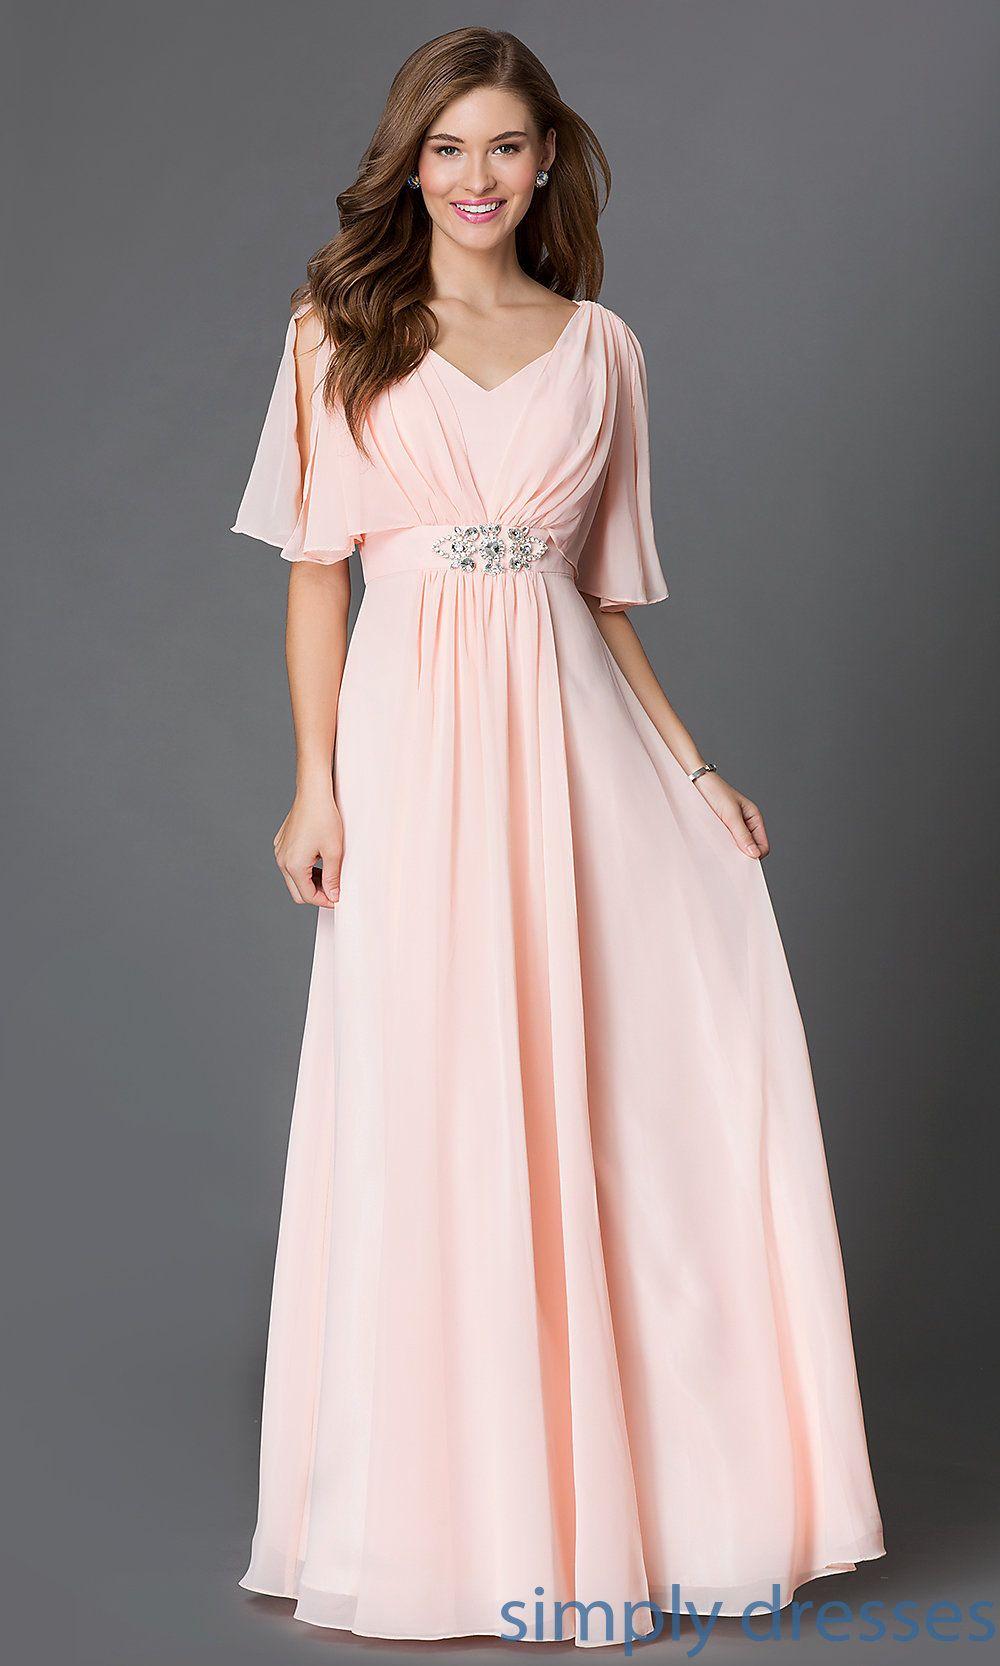 FloorLength EmpireWaist Dress with Sleeves Flutter